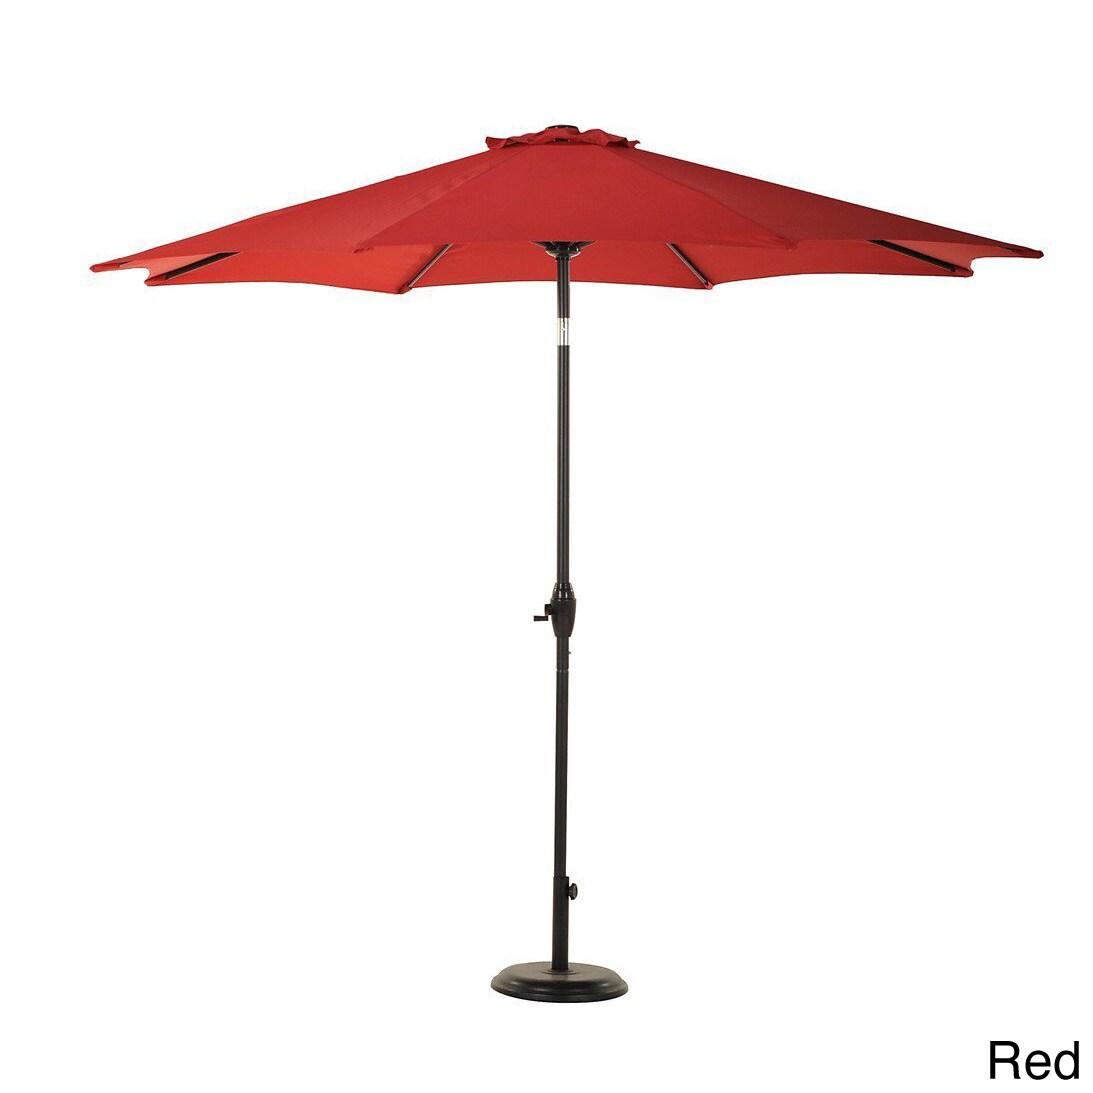 Grand Patio 9 Foot Outdoor Aluminum Market Umbrella With Auto Tilt And Crank 8 Ribs